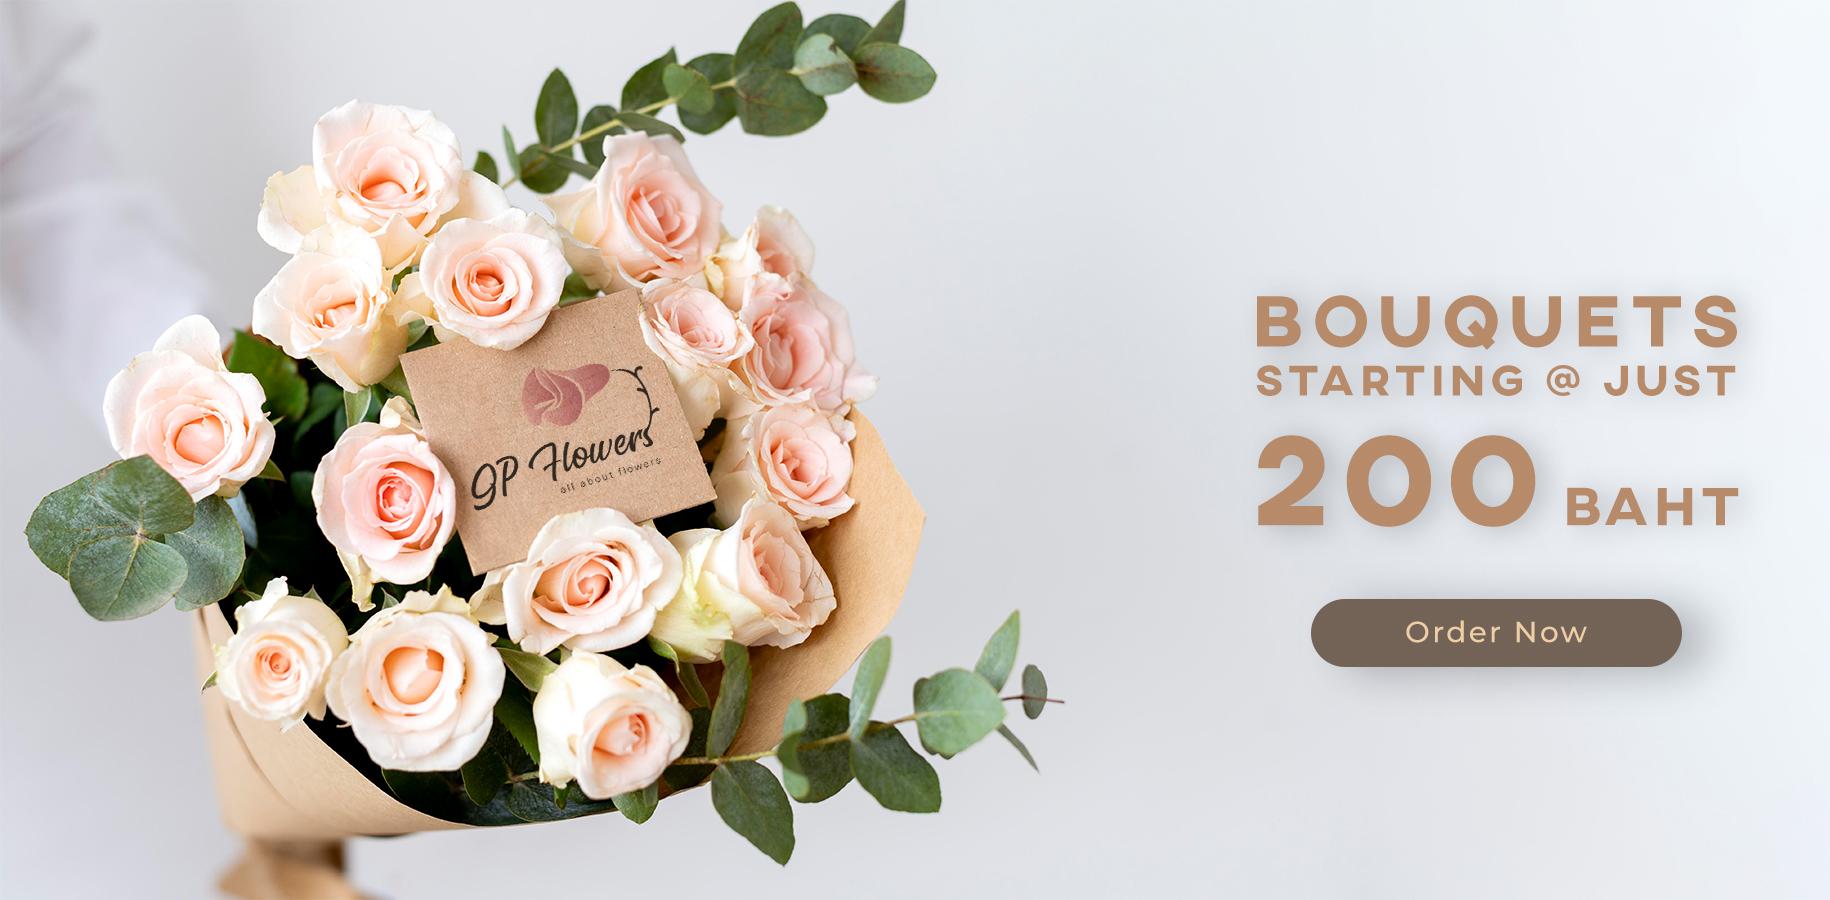 Budget Bouquets